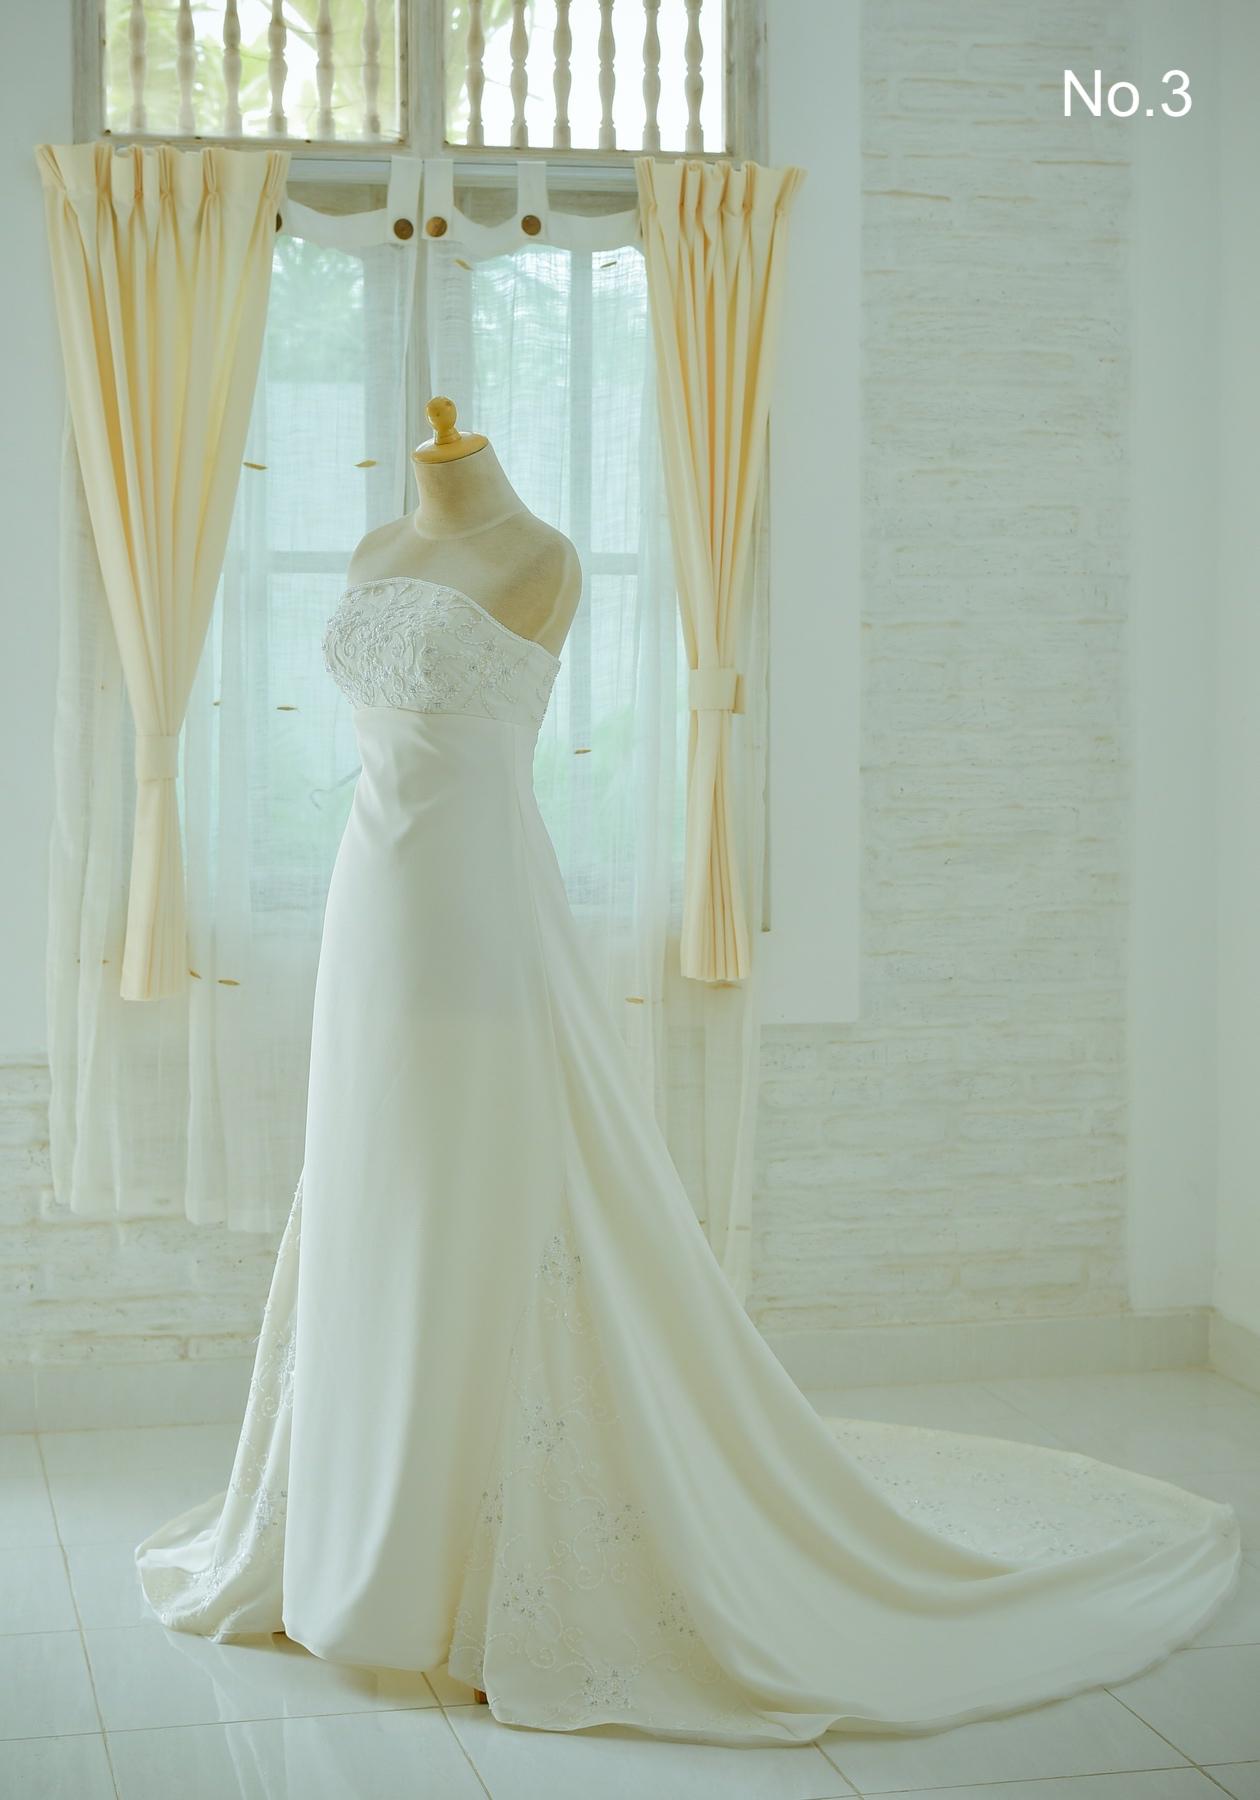 ドレスはサロンLOVEISのNO.3